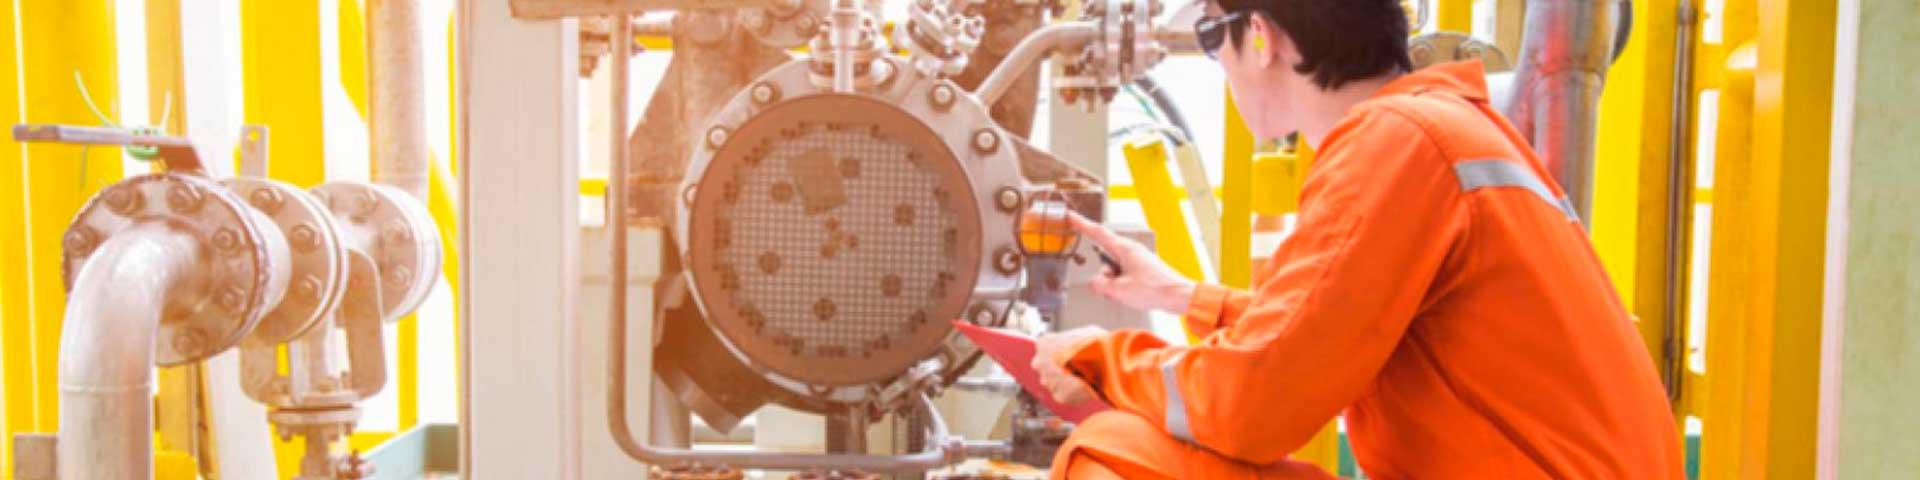 Manutenções-Industriais-e-Prediais